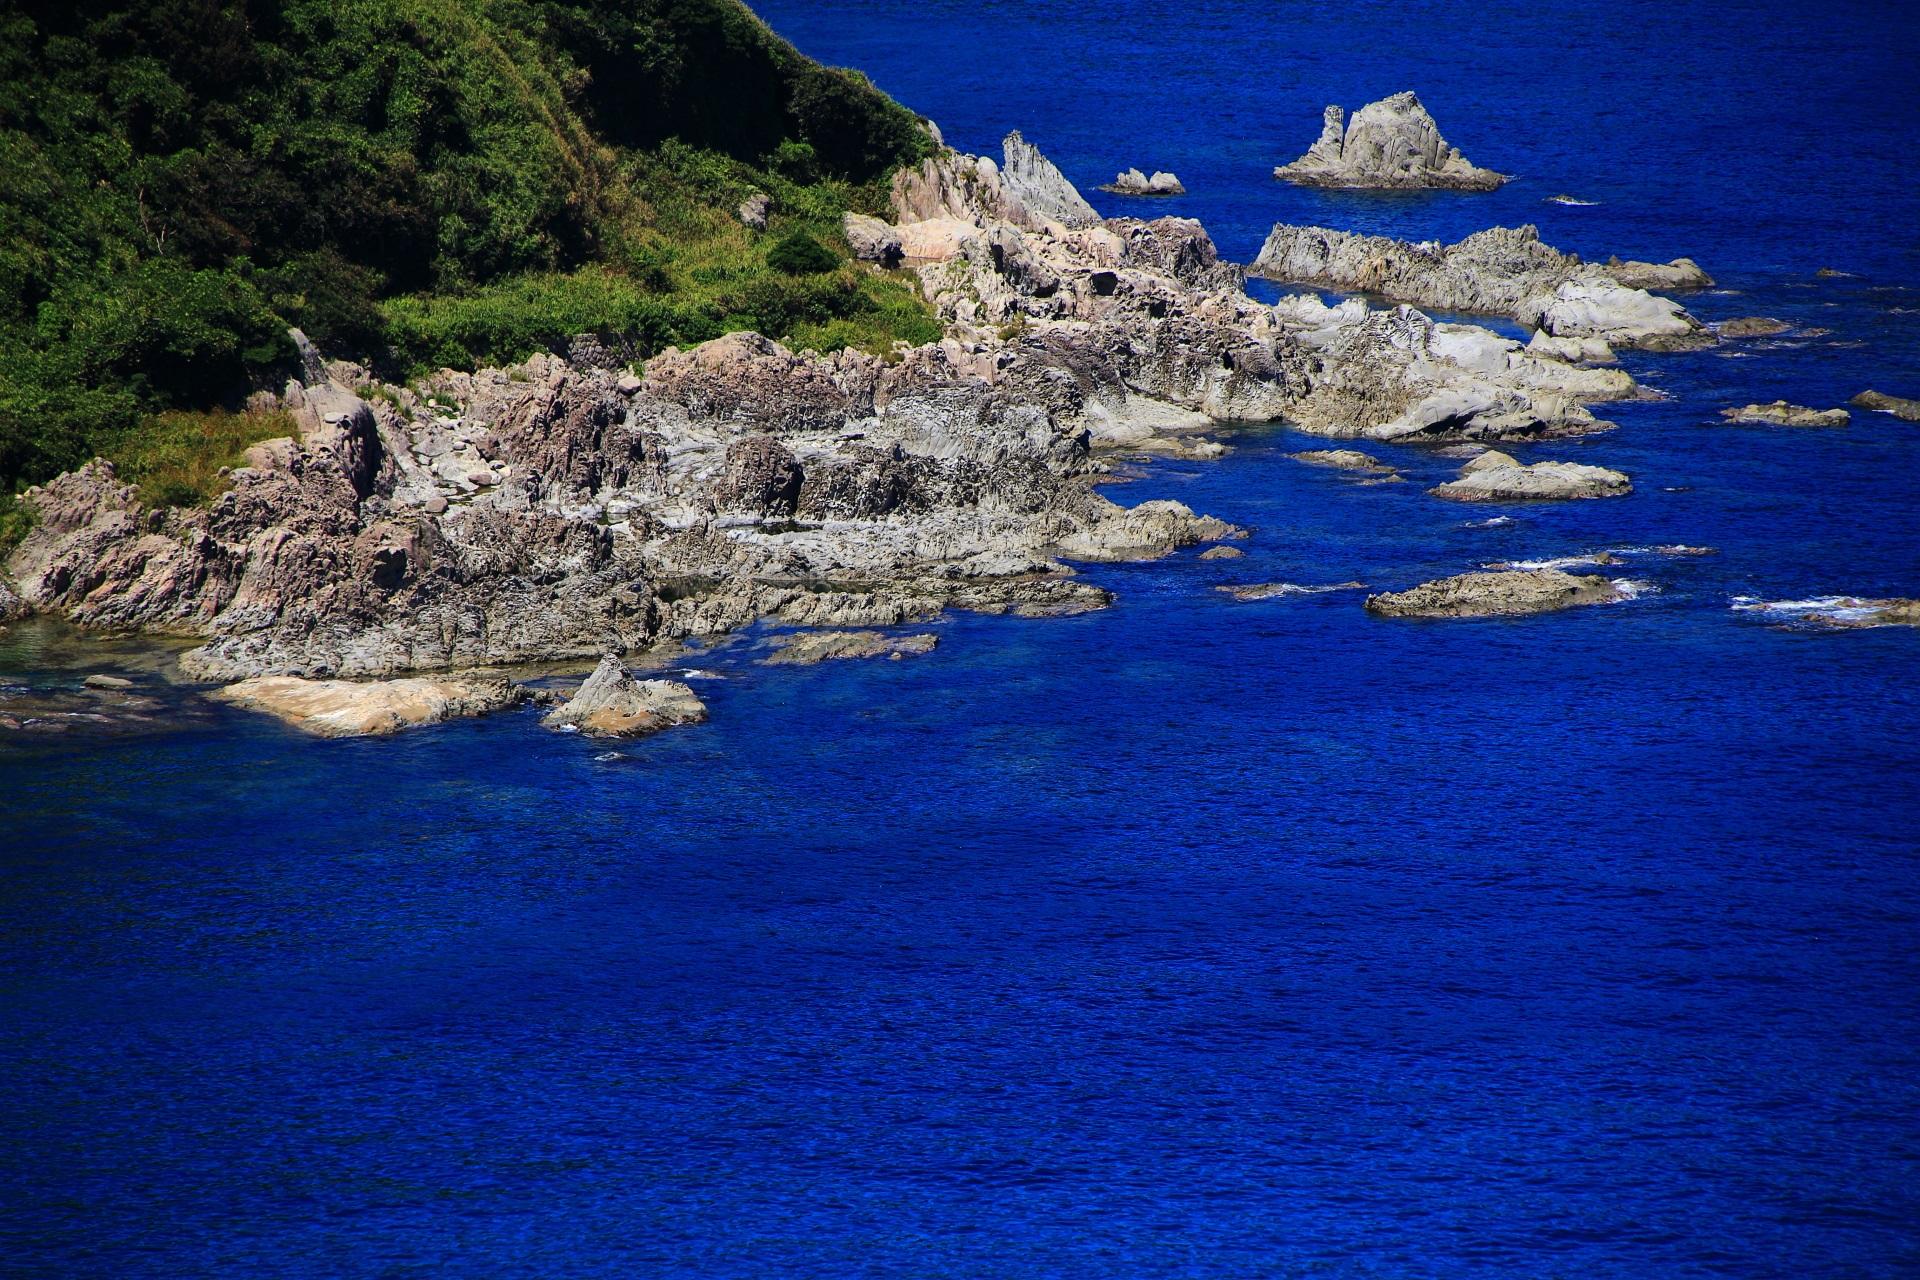 カマヤ海岸の日本海の荒波に晒され削られた岩場